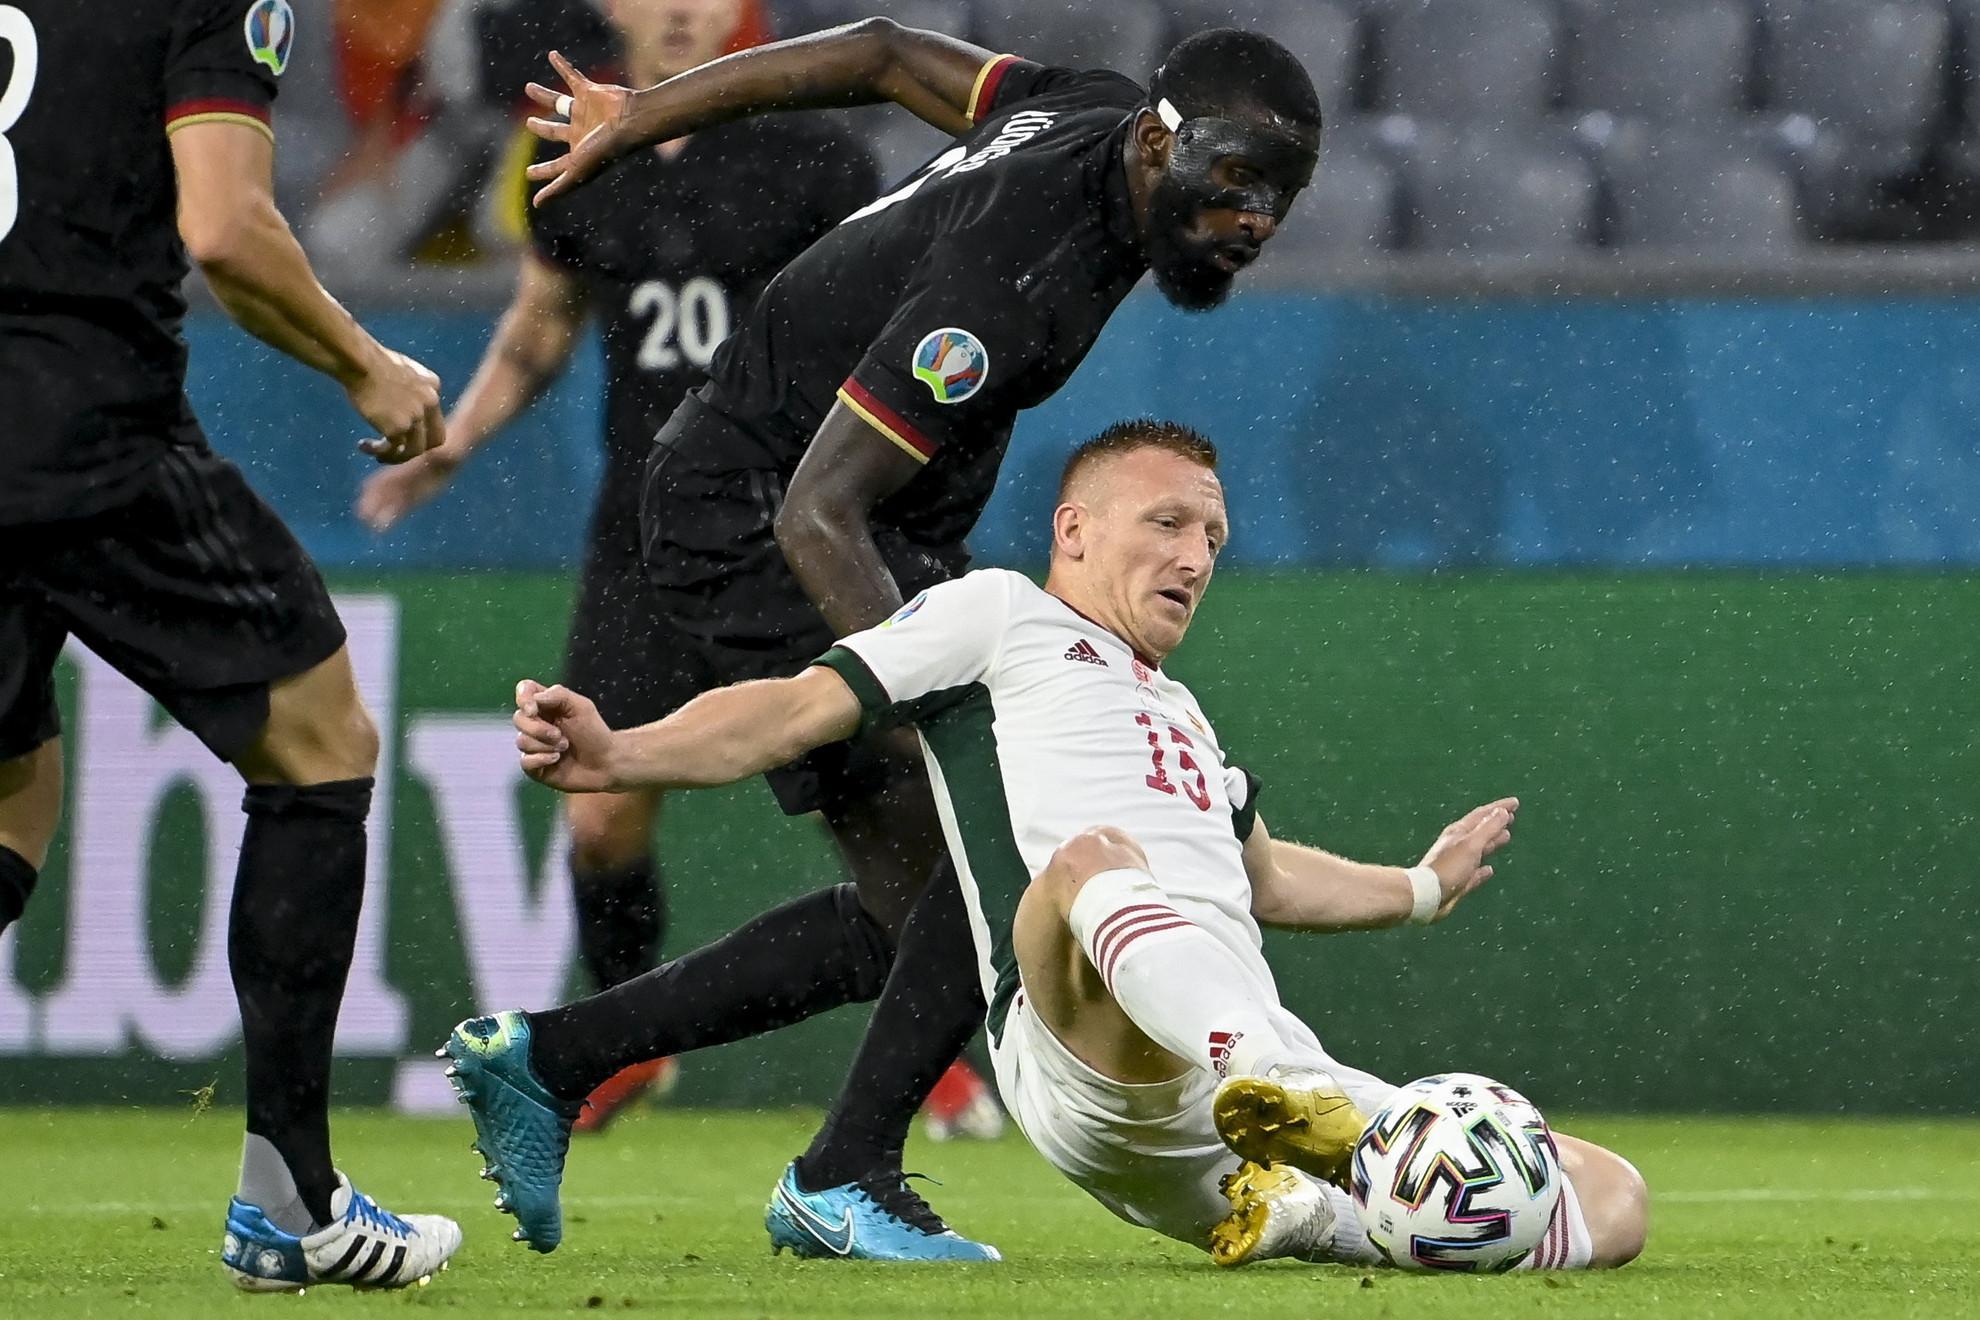 Kleinheisler csúszik a labdáért, a háttérből a német Rüdiger figyeli. A magyar középpályás ezúttal is rengeteget dolgozott a mezőnyben